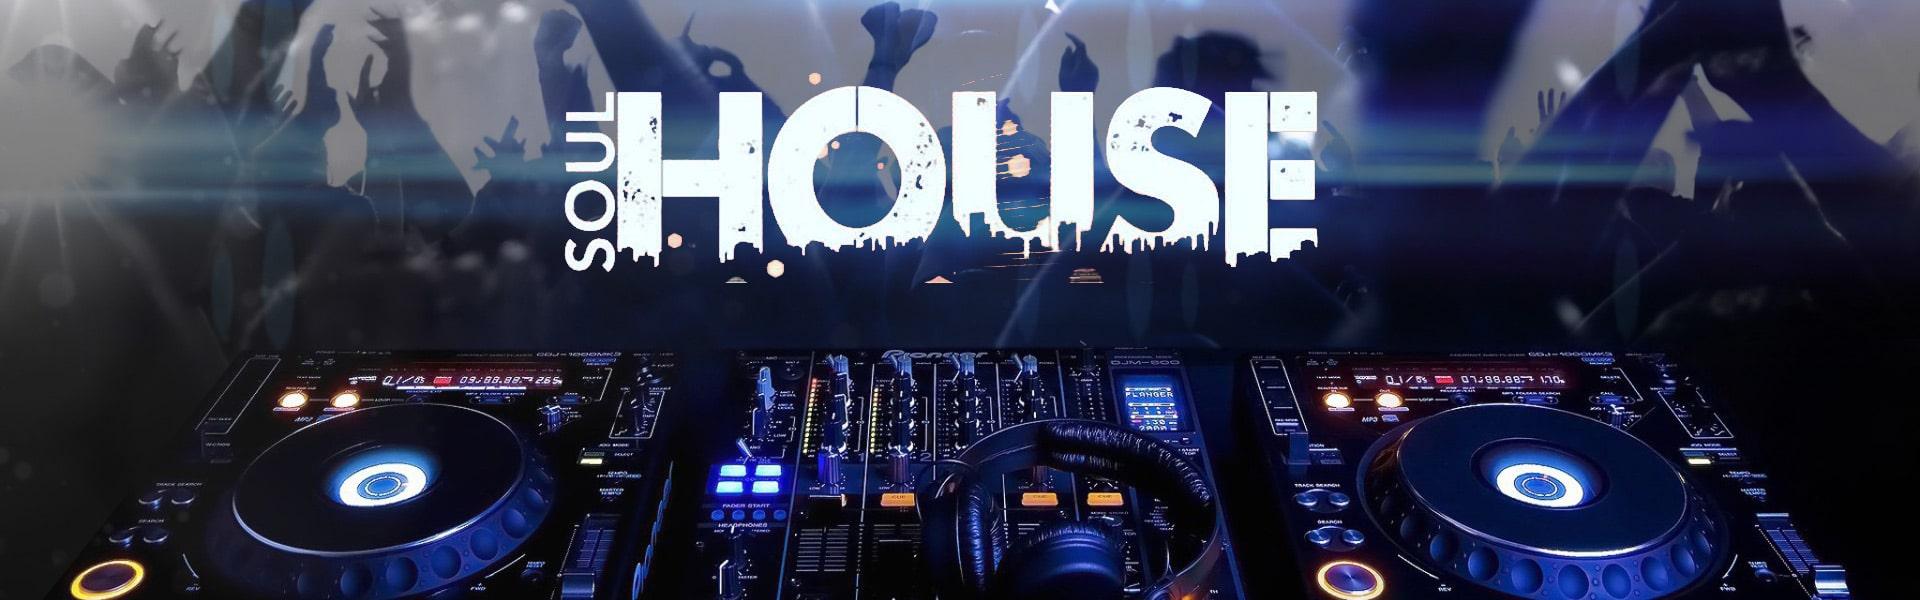 http://soulhousemusic.com/wp-content/uploads/2016/10/banner1.jpg